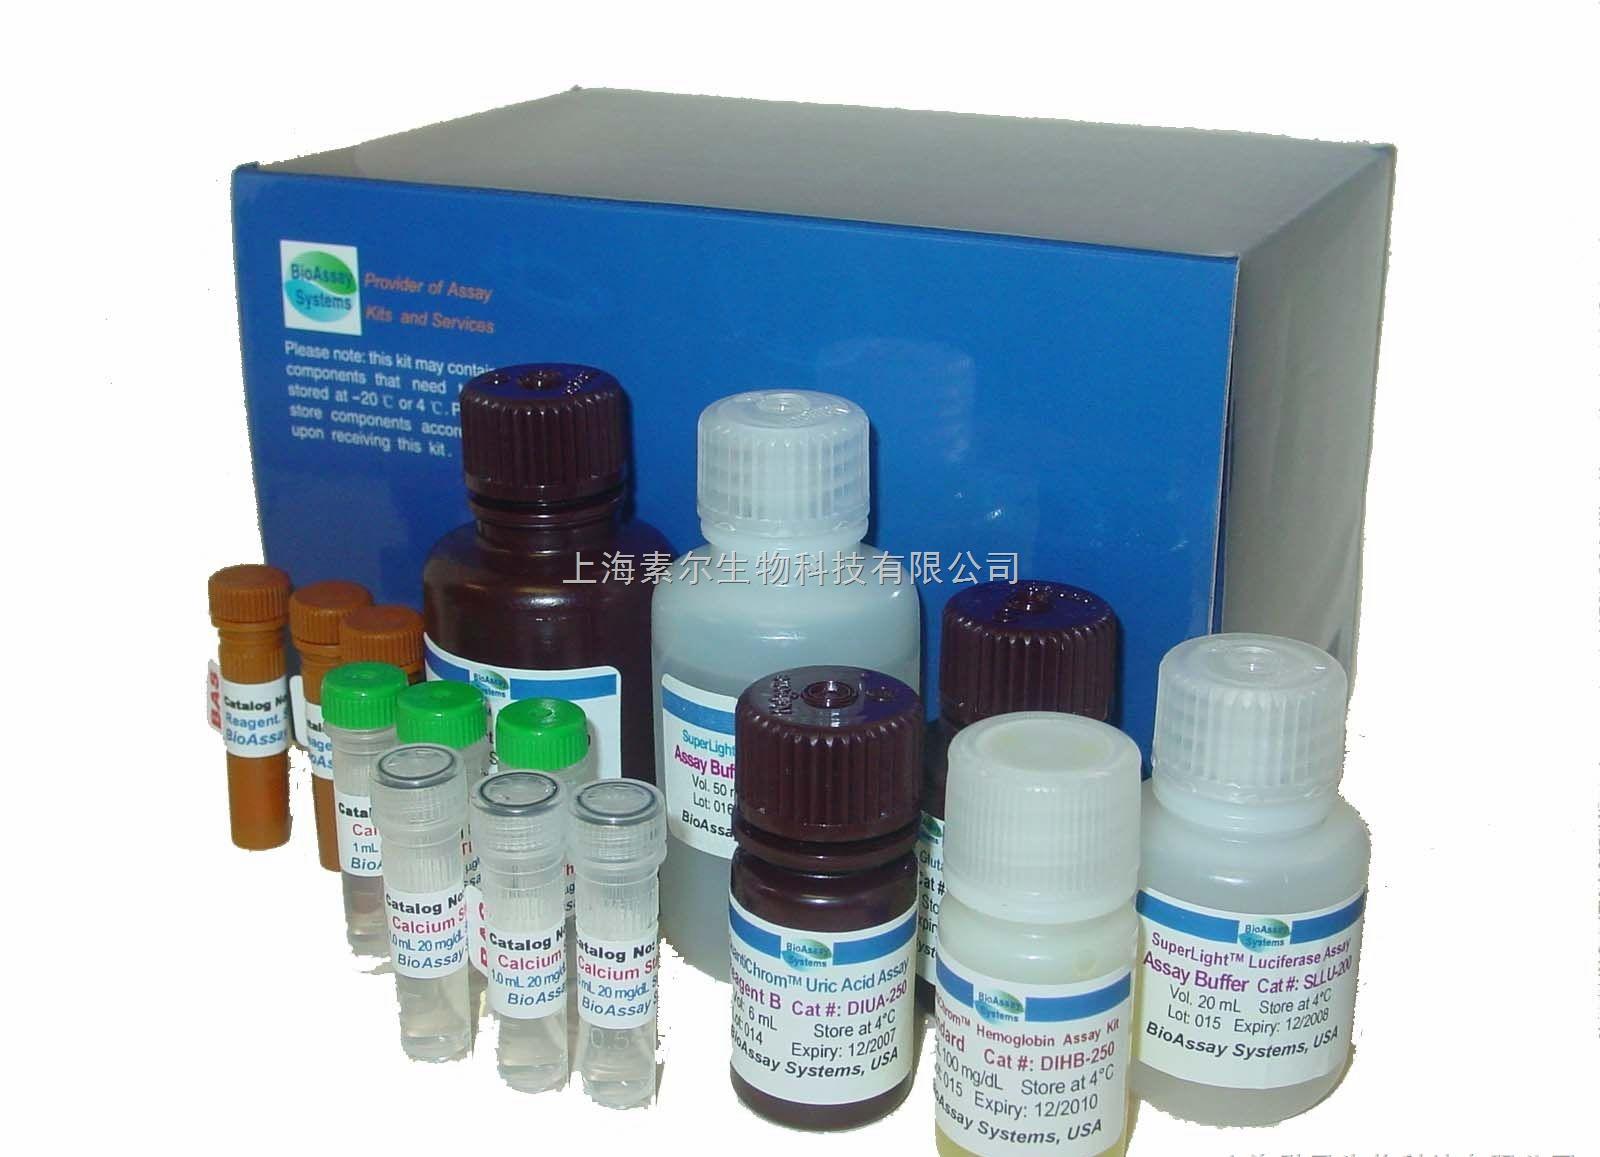 大鼠8羟基脱氧鸟苷(8-OHdG)ELISA检测试剂盒说明书